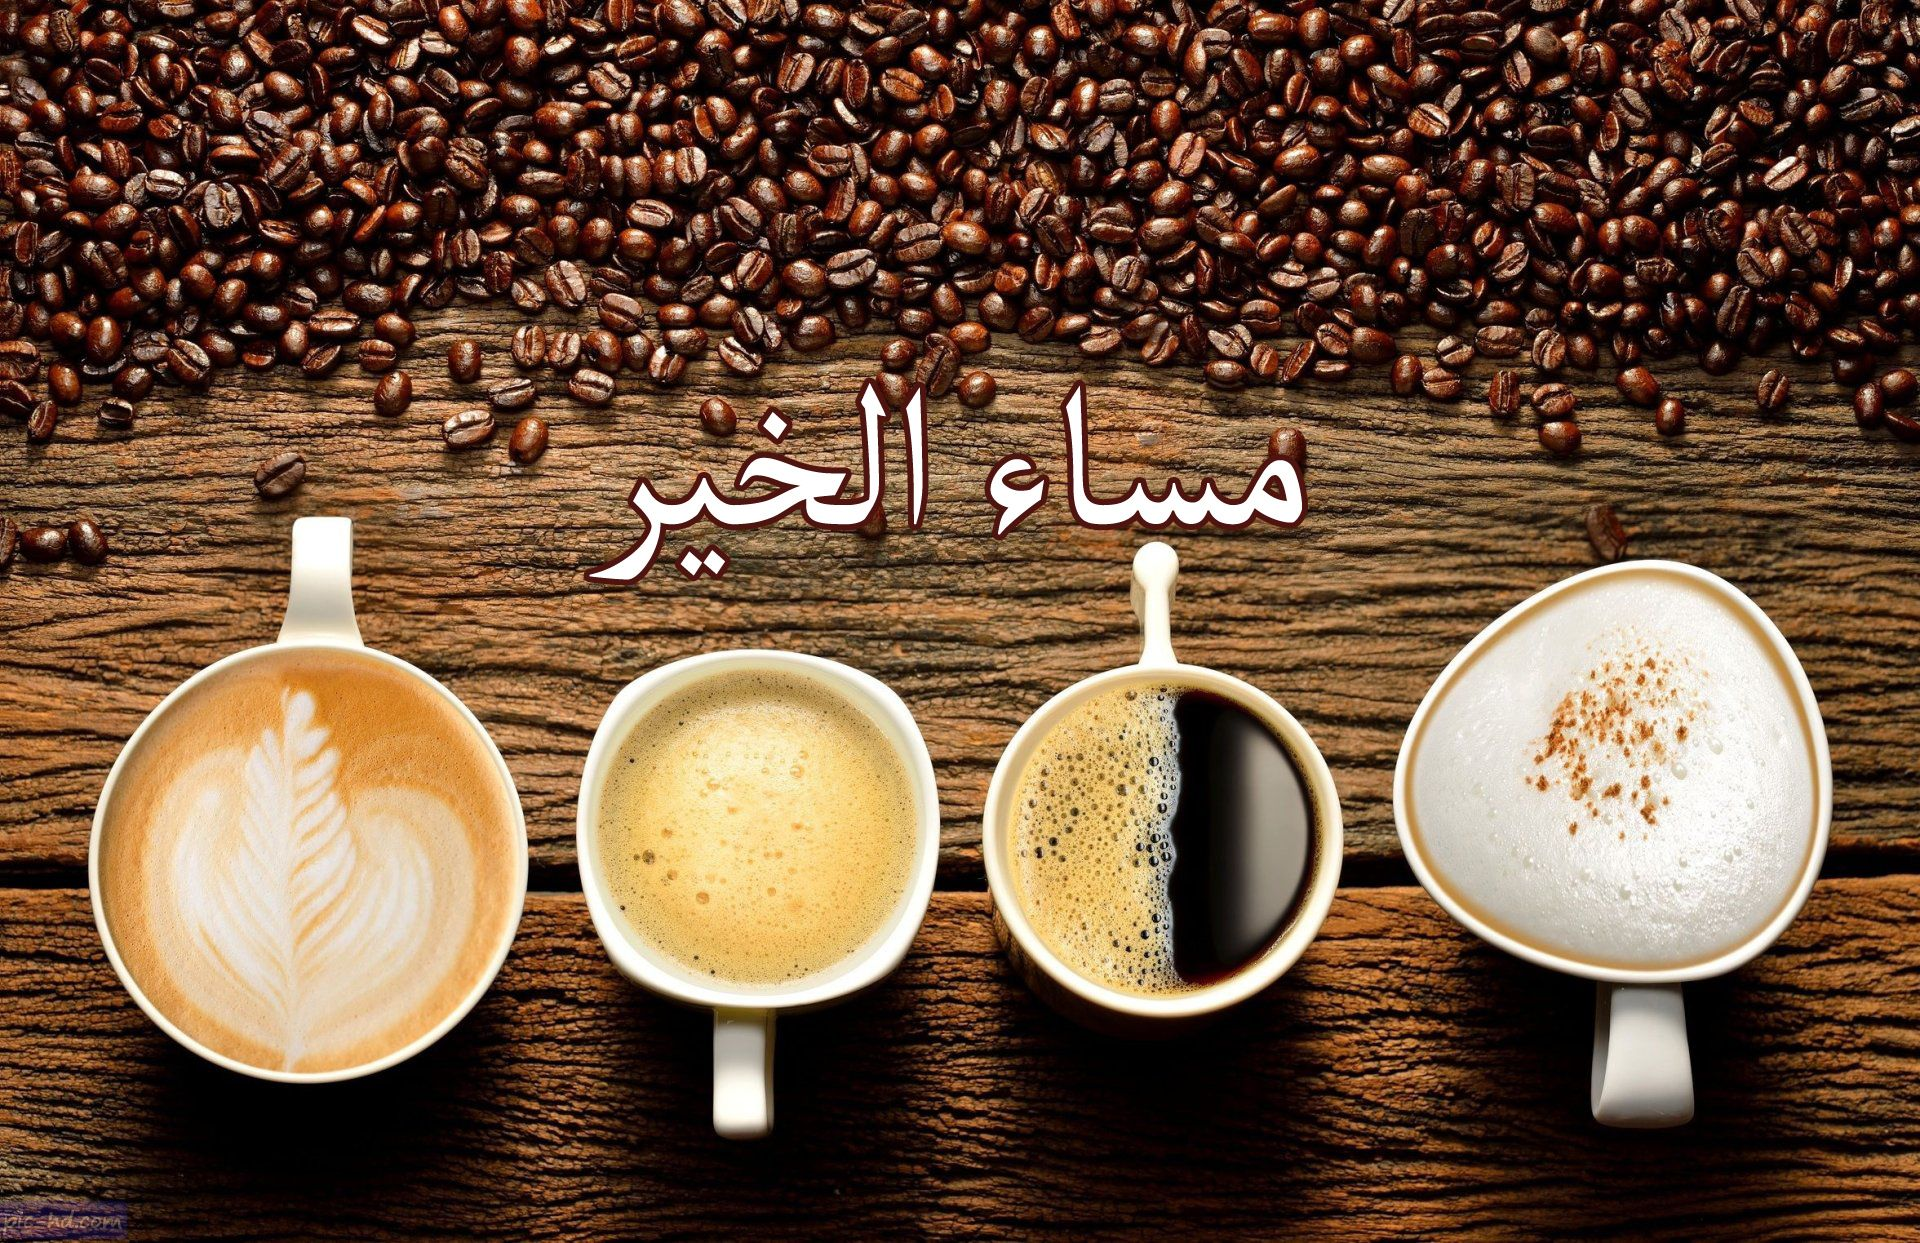 صور قهوة مكتوب عليها مساء الخير , صور القهوة المسائية